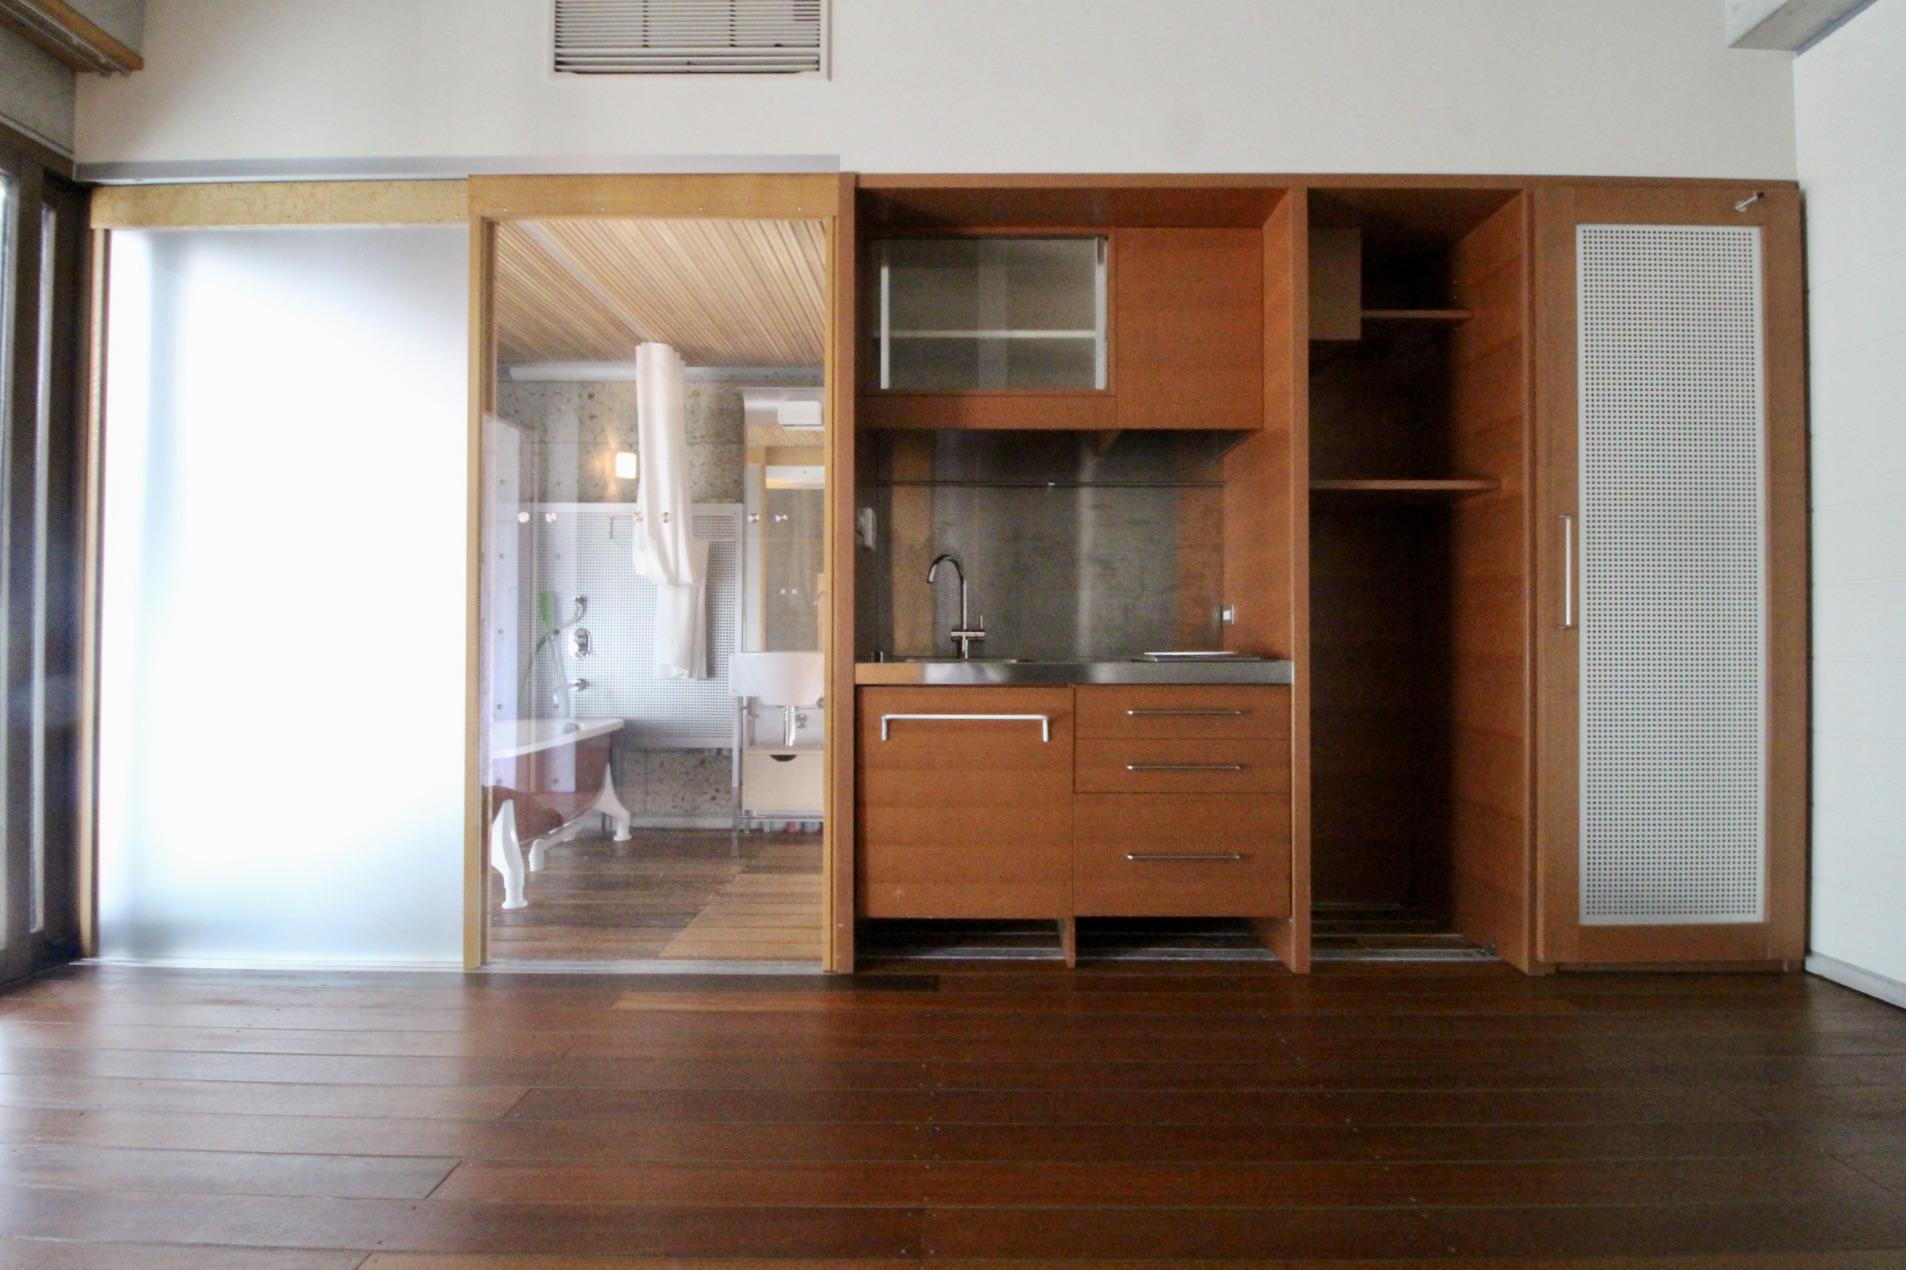 オリジナルの木製建具や造作家具